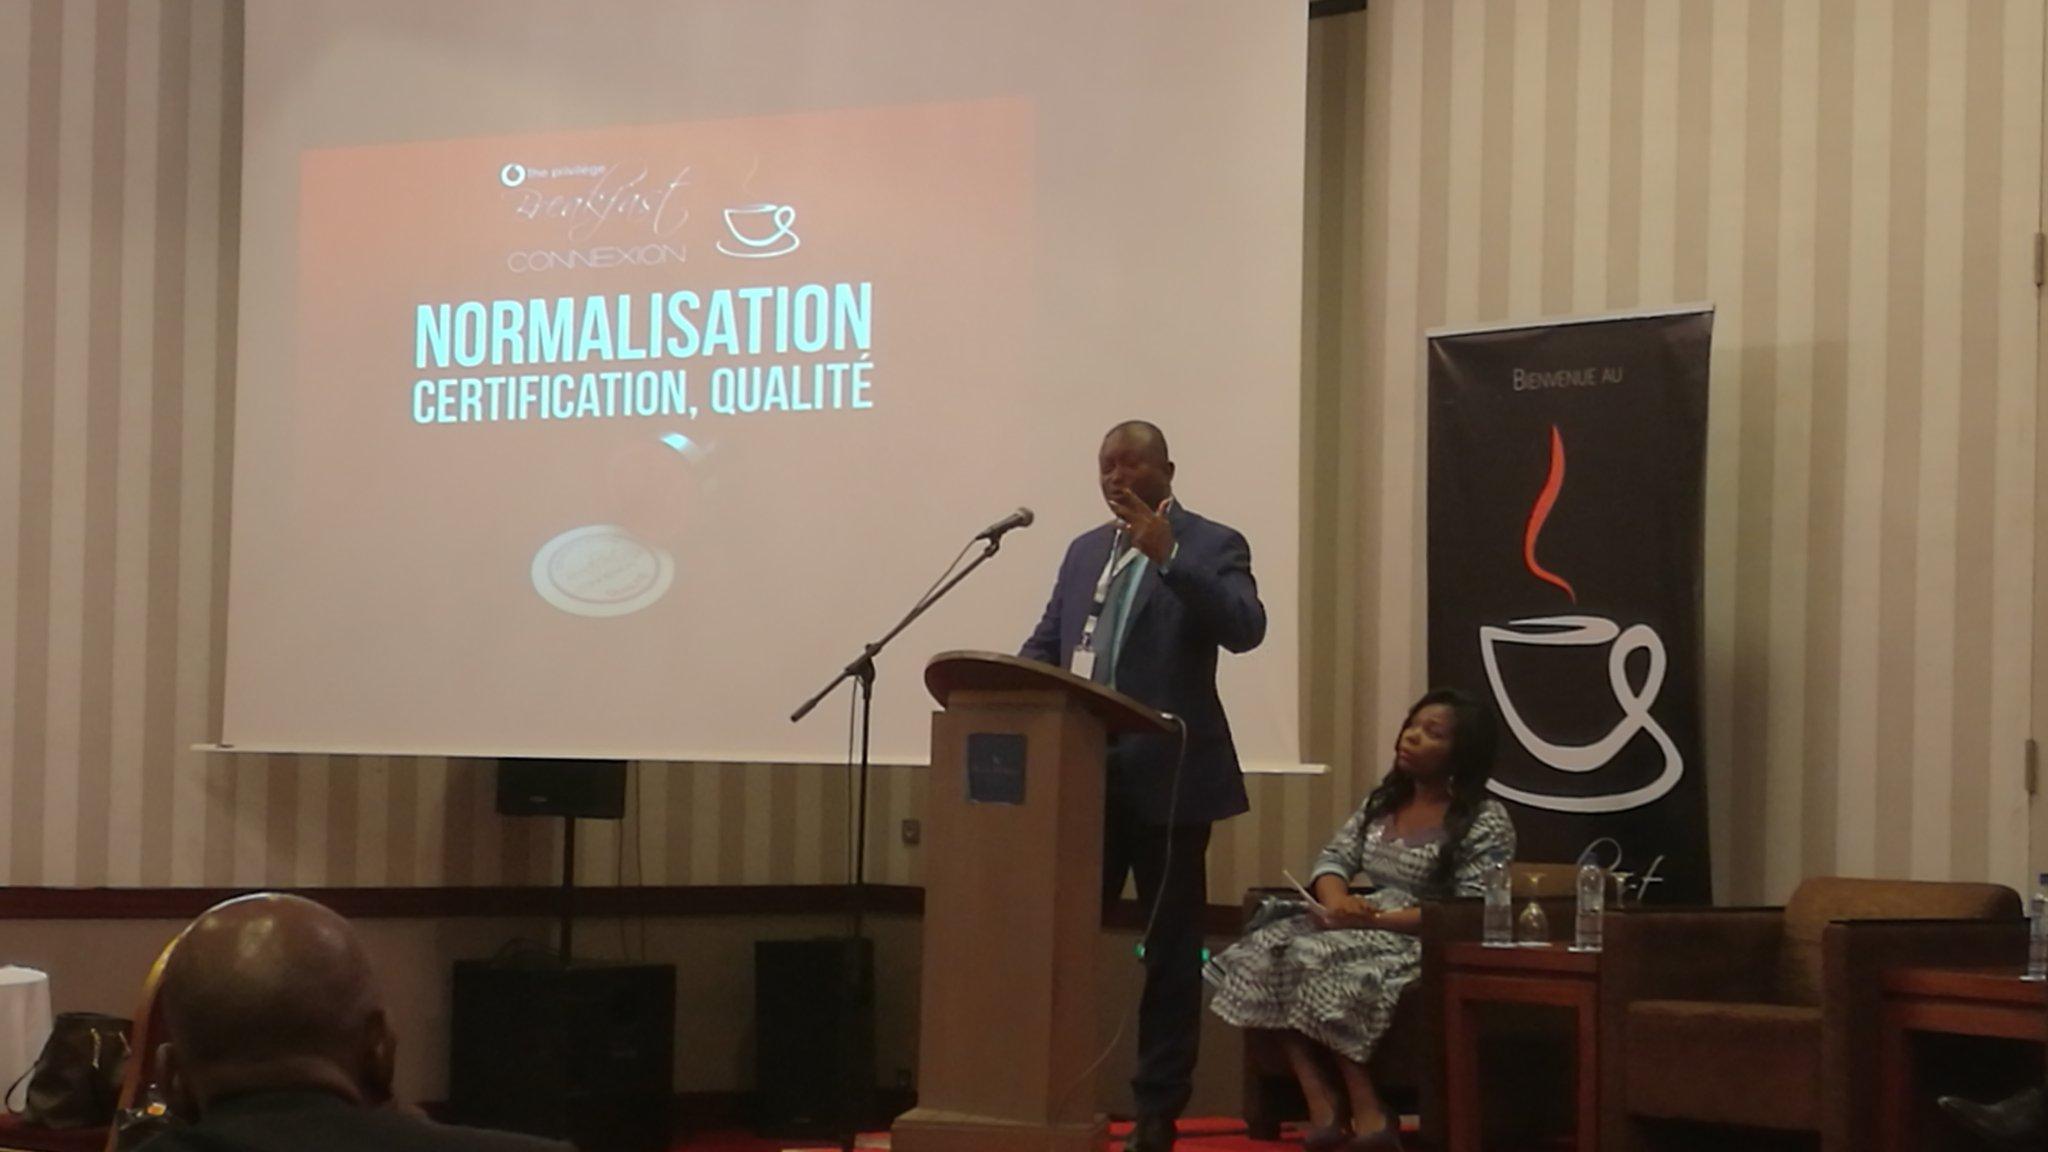 """RDC : Breakfast connexion se penche sur la """"normalisation, certification et qualité"""" ! 1"""